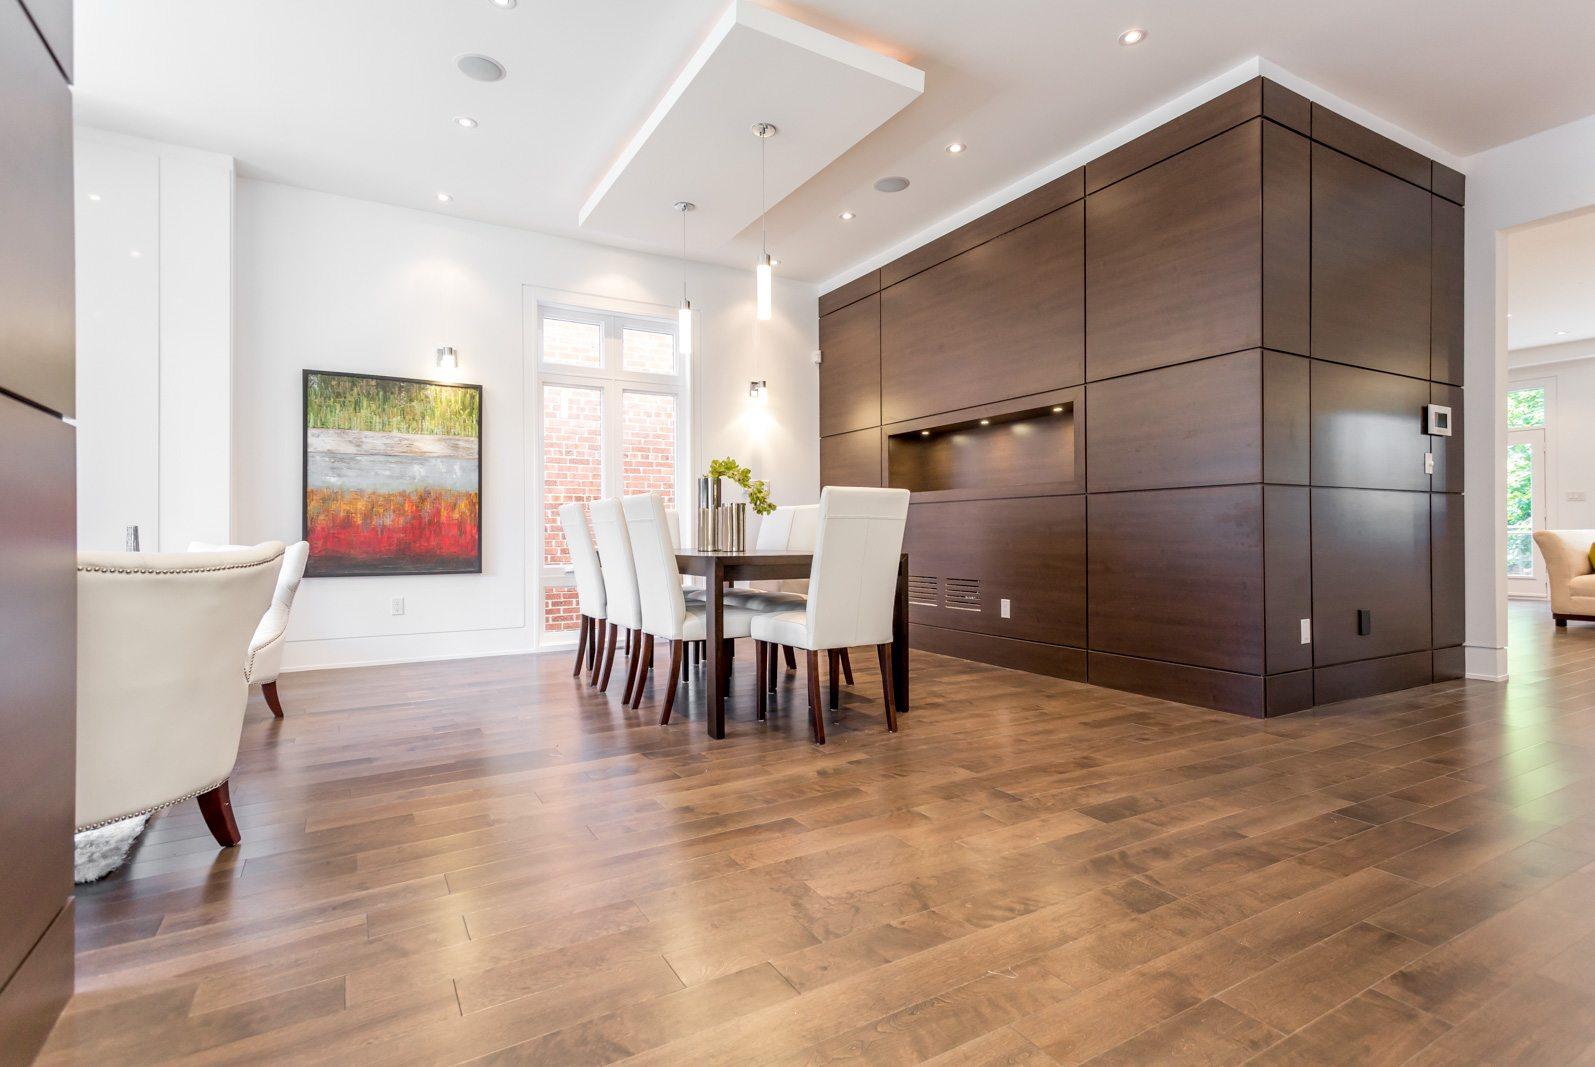 toronto-house-for-sale-118-brooke-avenue-4